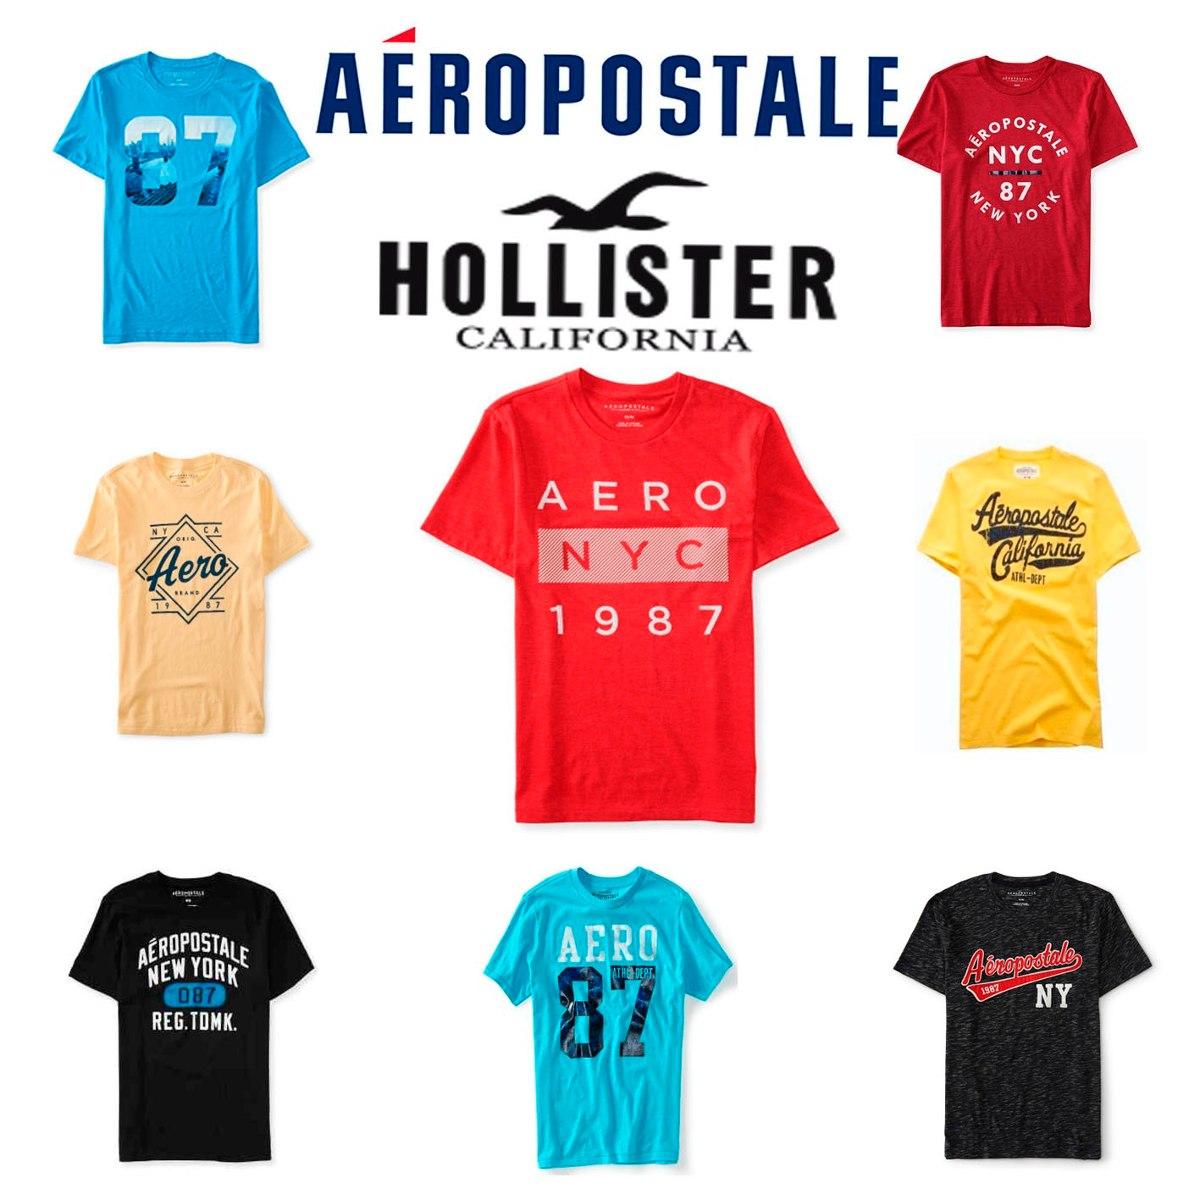 lote 30 playeras aeropostale american hollister hombre 2018. Cargando zoom. 339d2bc95f217